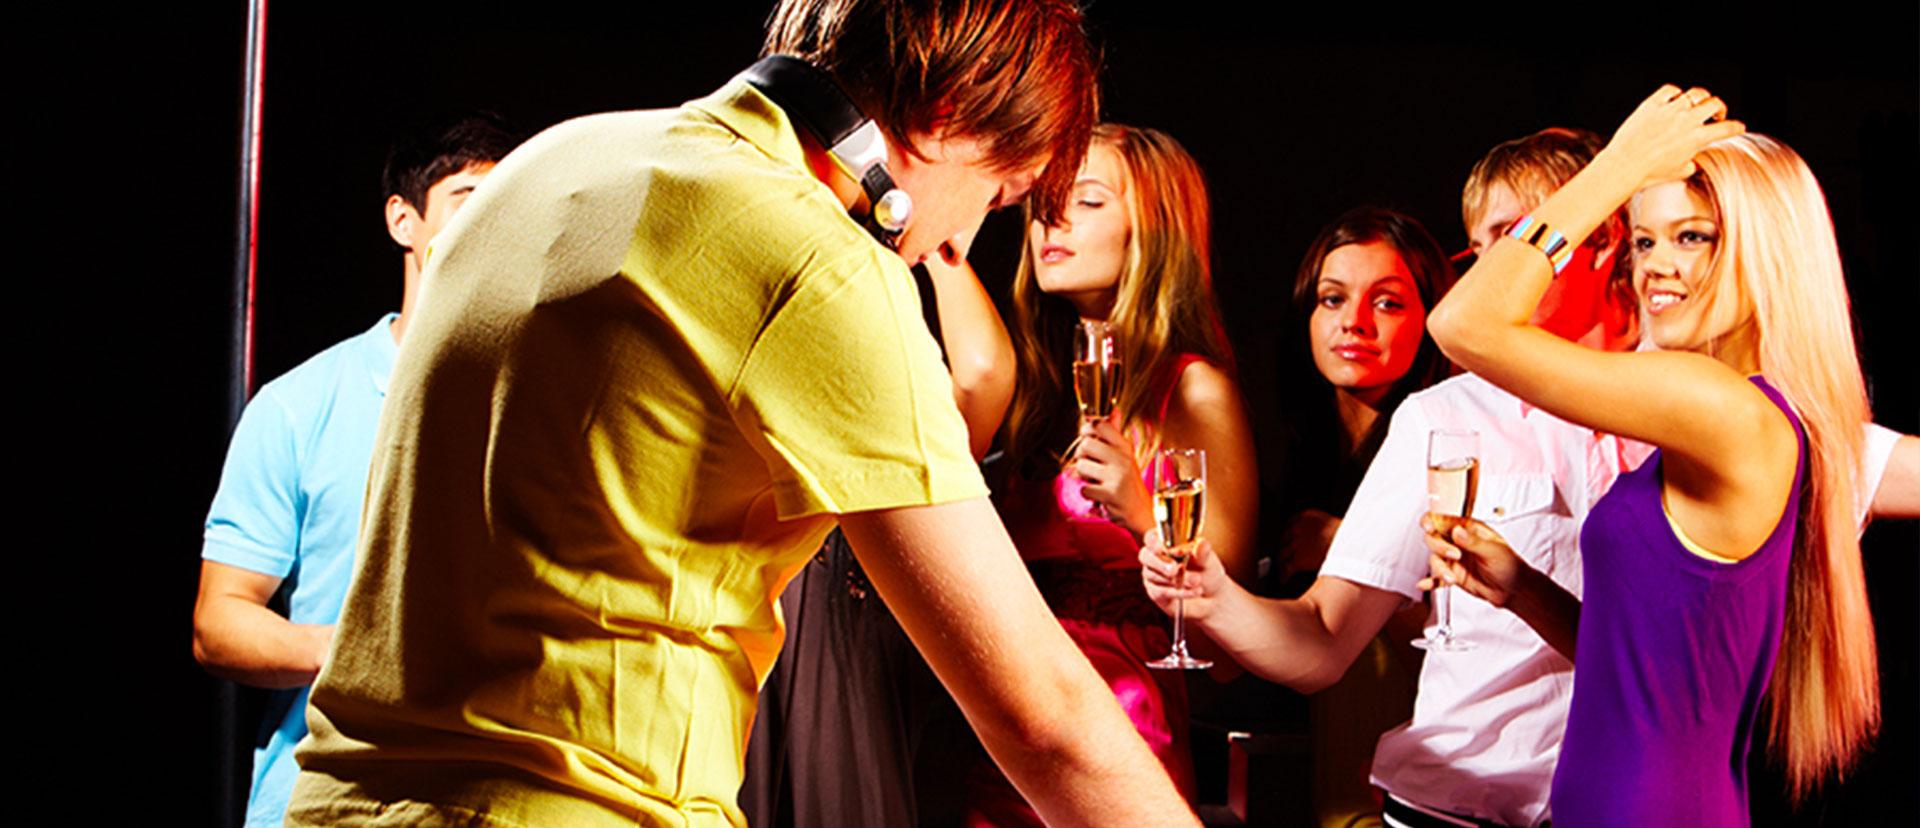 Club 52 - Disco a Roma per Feste ed Eventi Aziendali